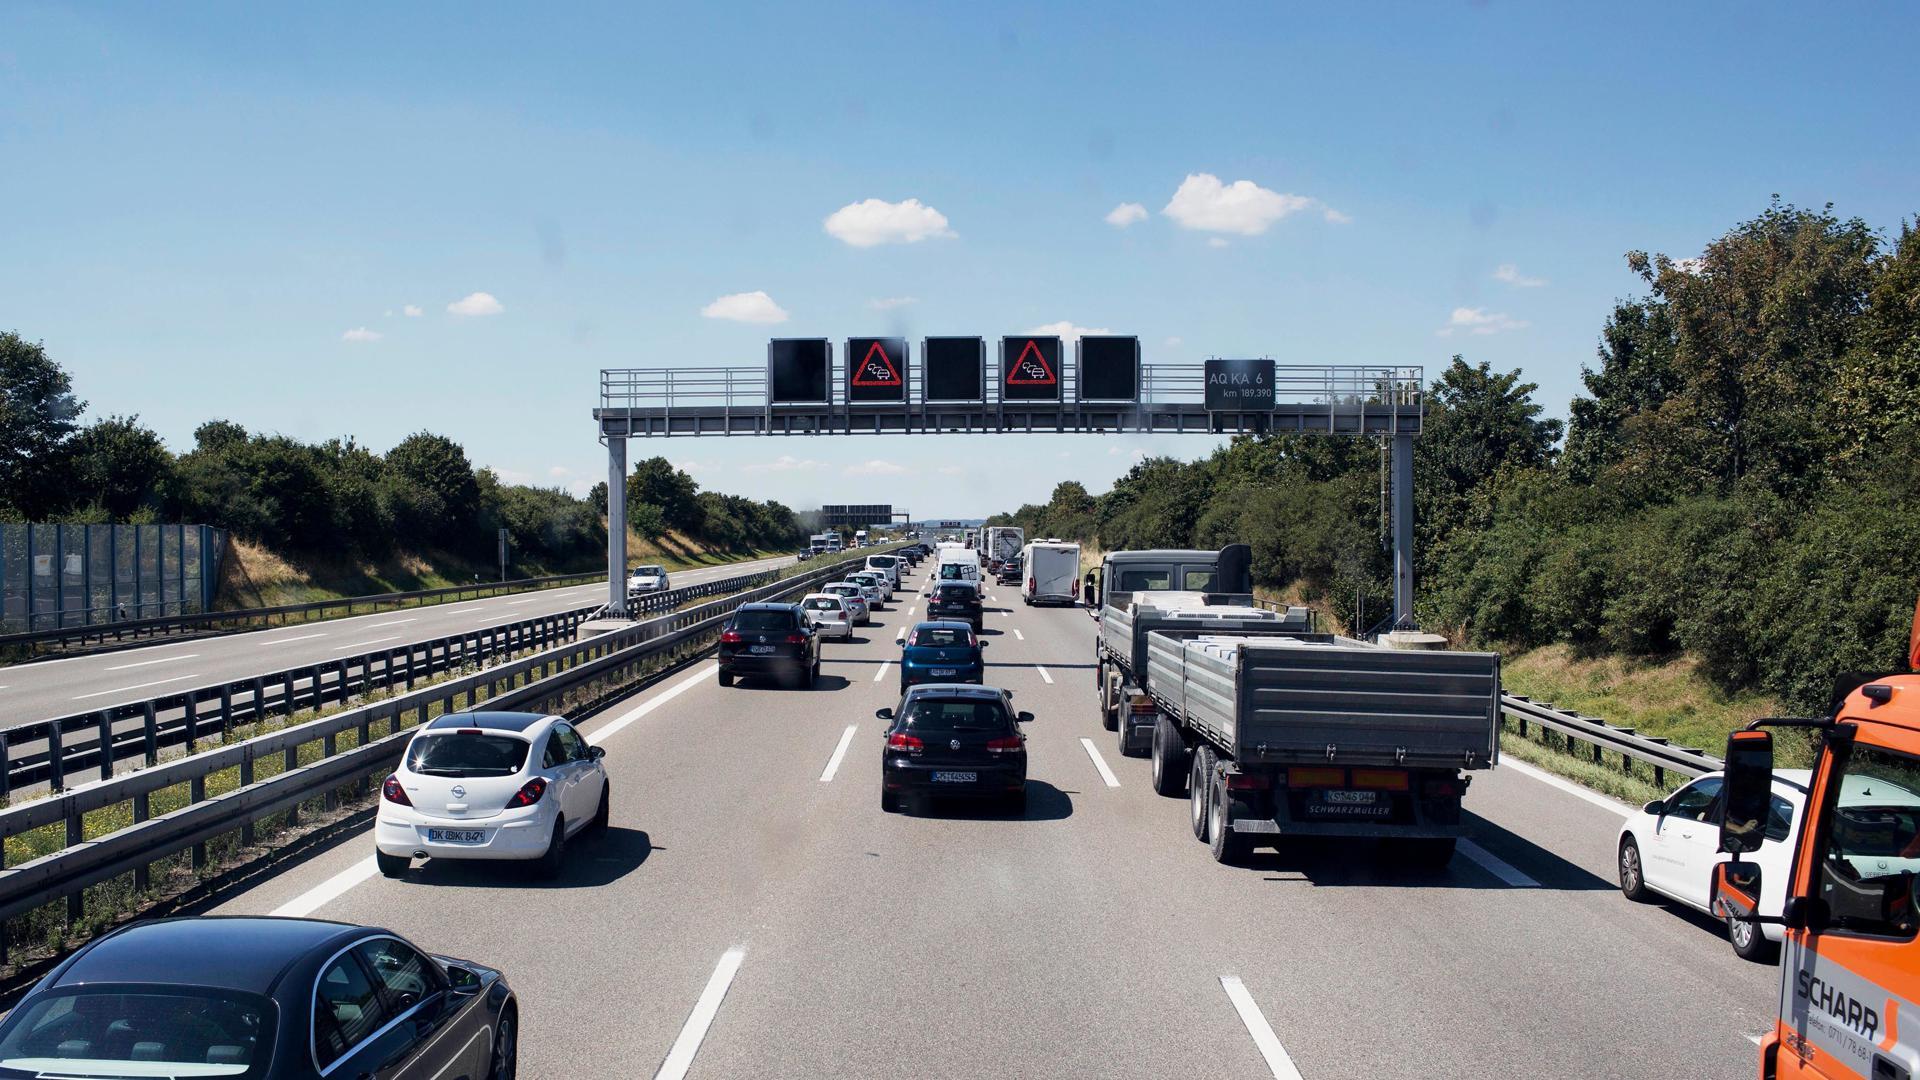 Ein Stau auf einer Autobahn.